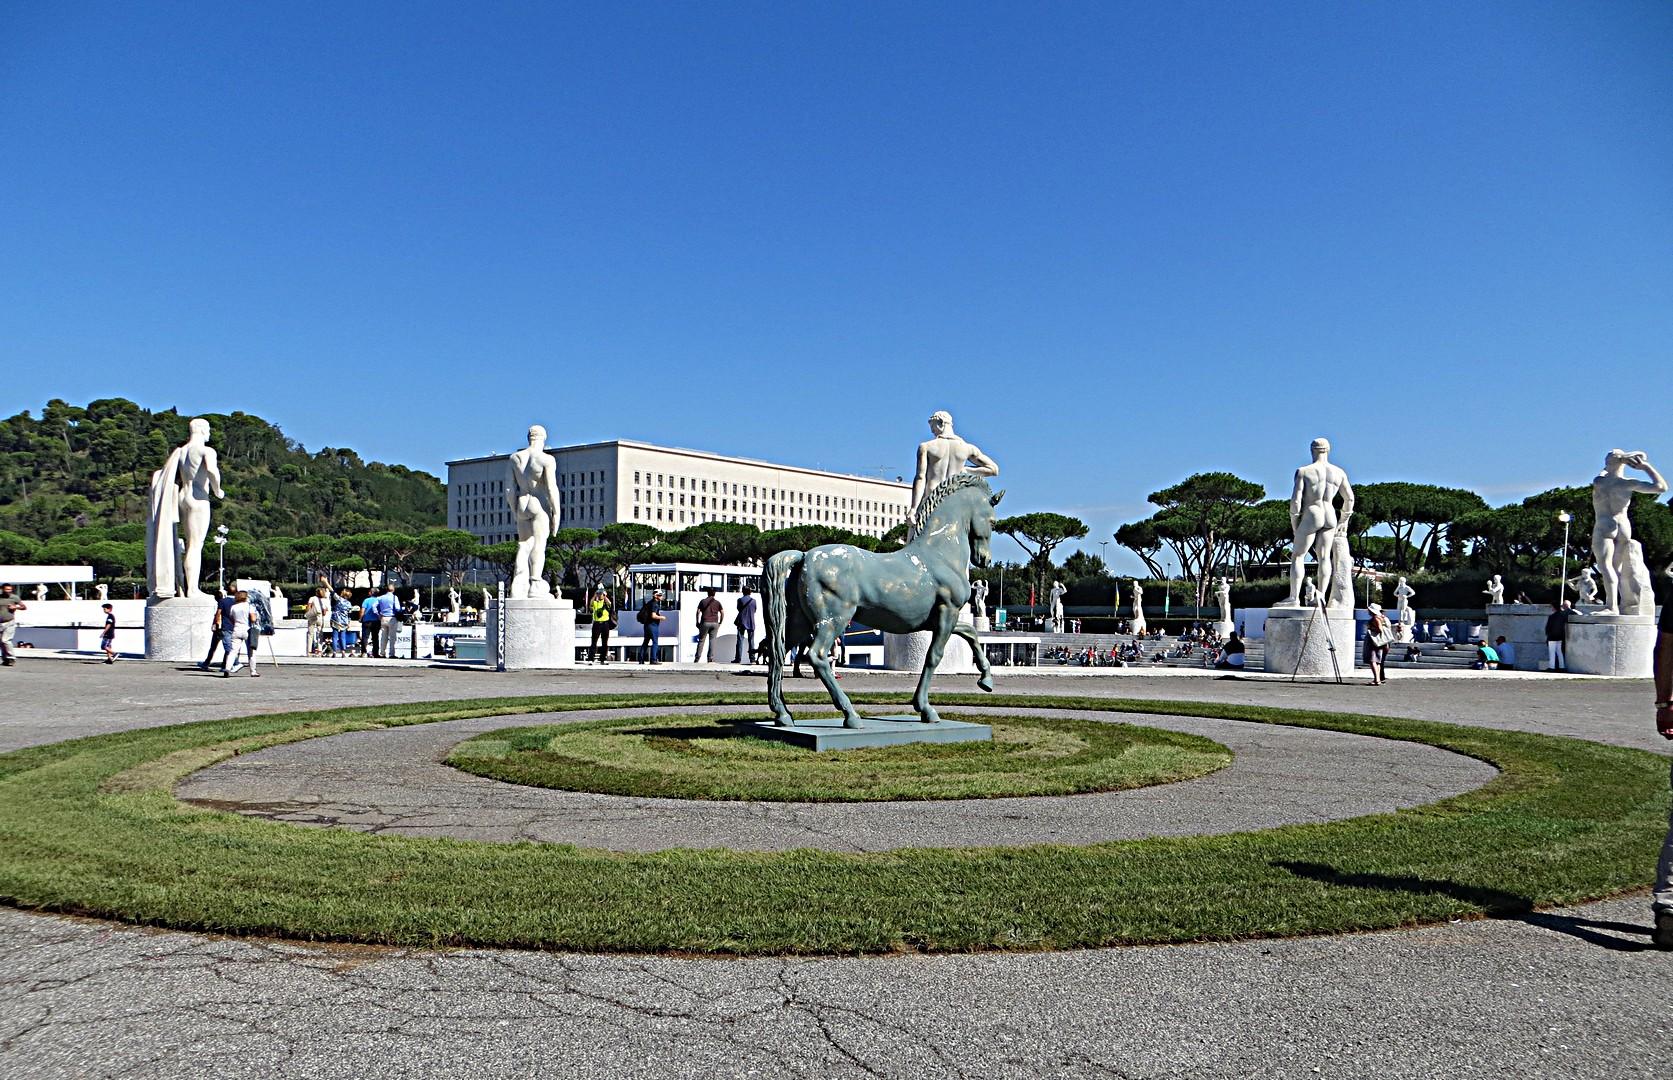 Foro Italico - Wikipedia